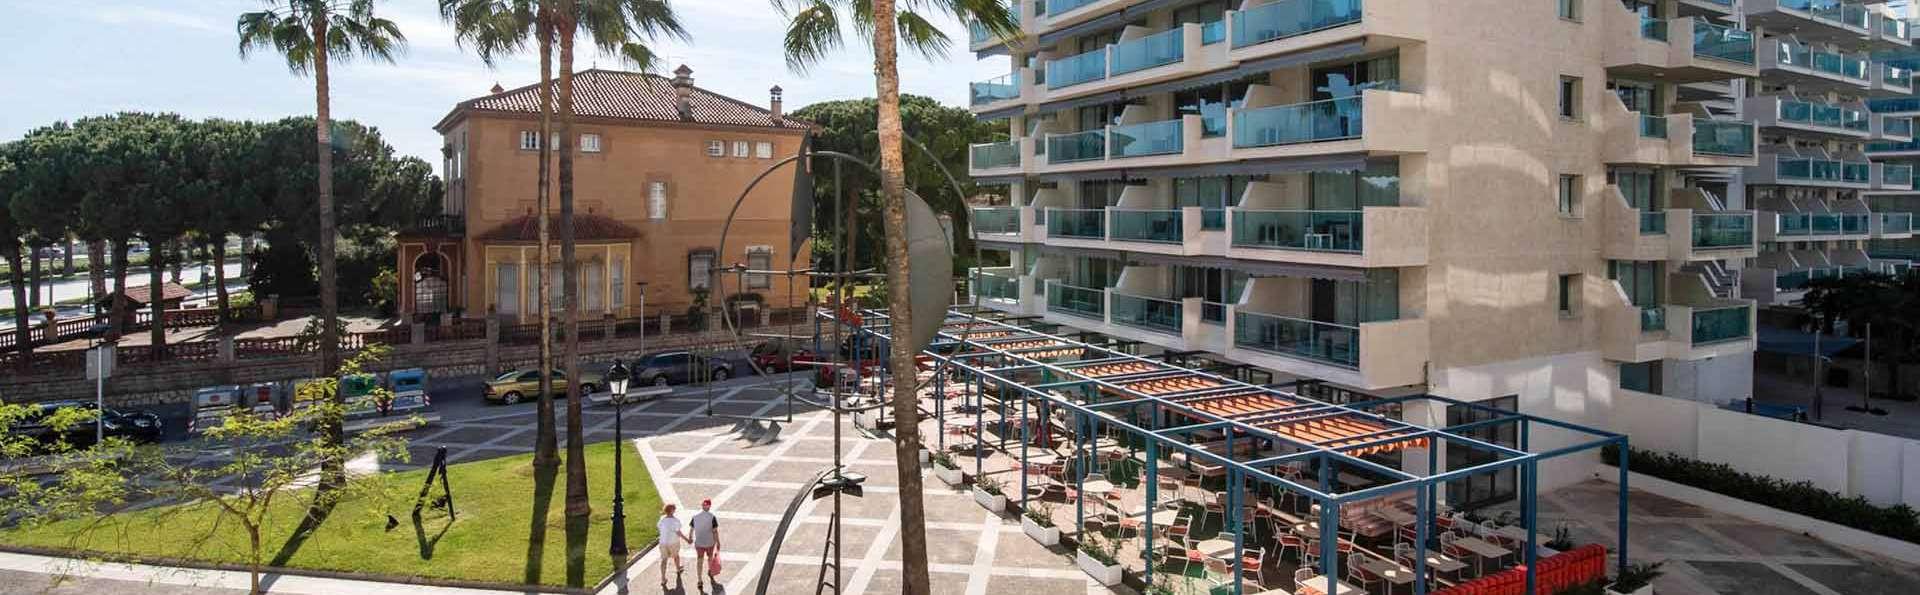 Blaumar Hotel - EDIT_EXTERIOR_01.jpg